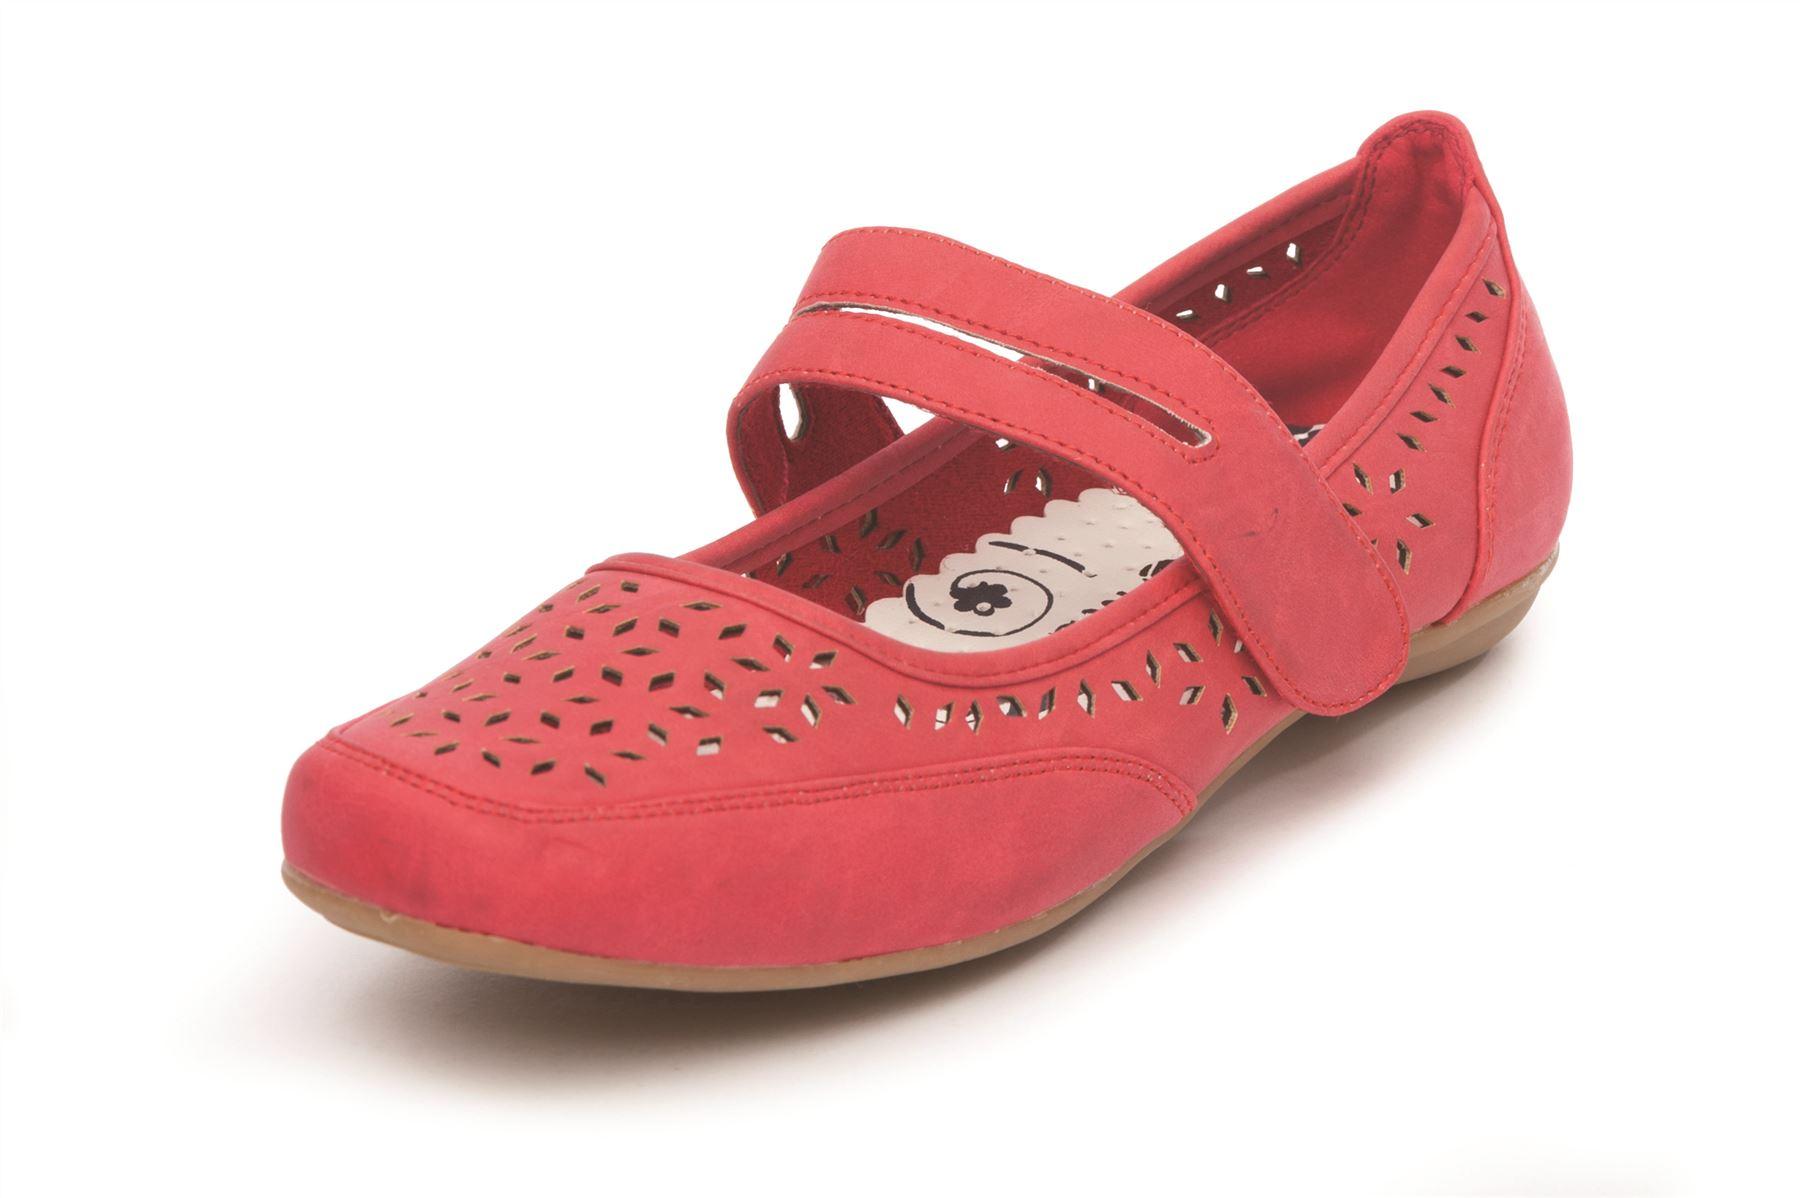 Ladies Smart Walking Shoes Uk